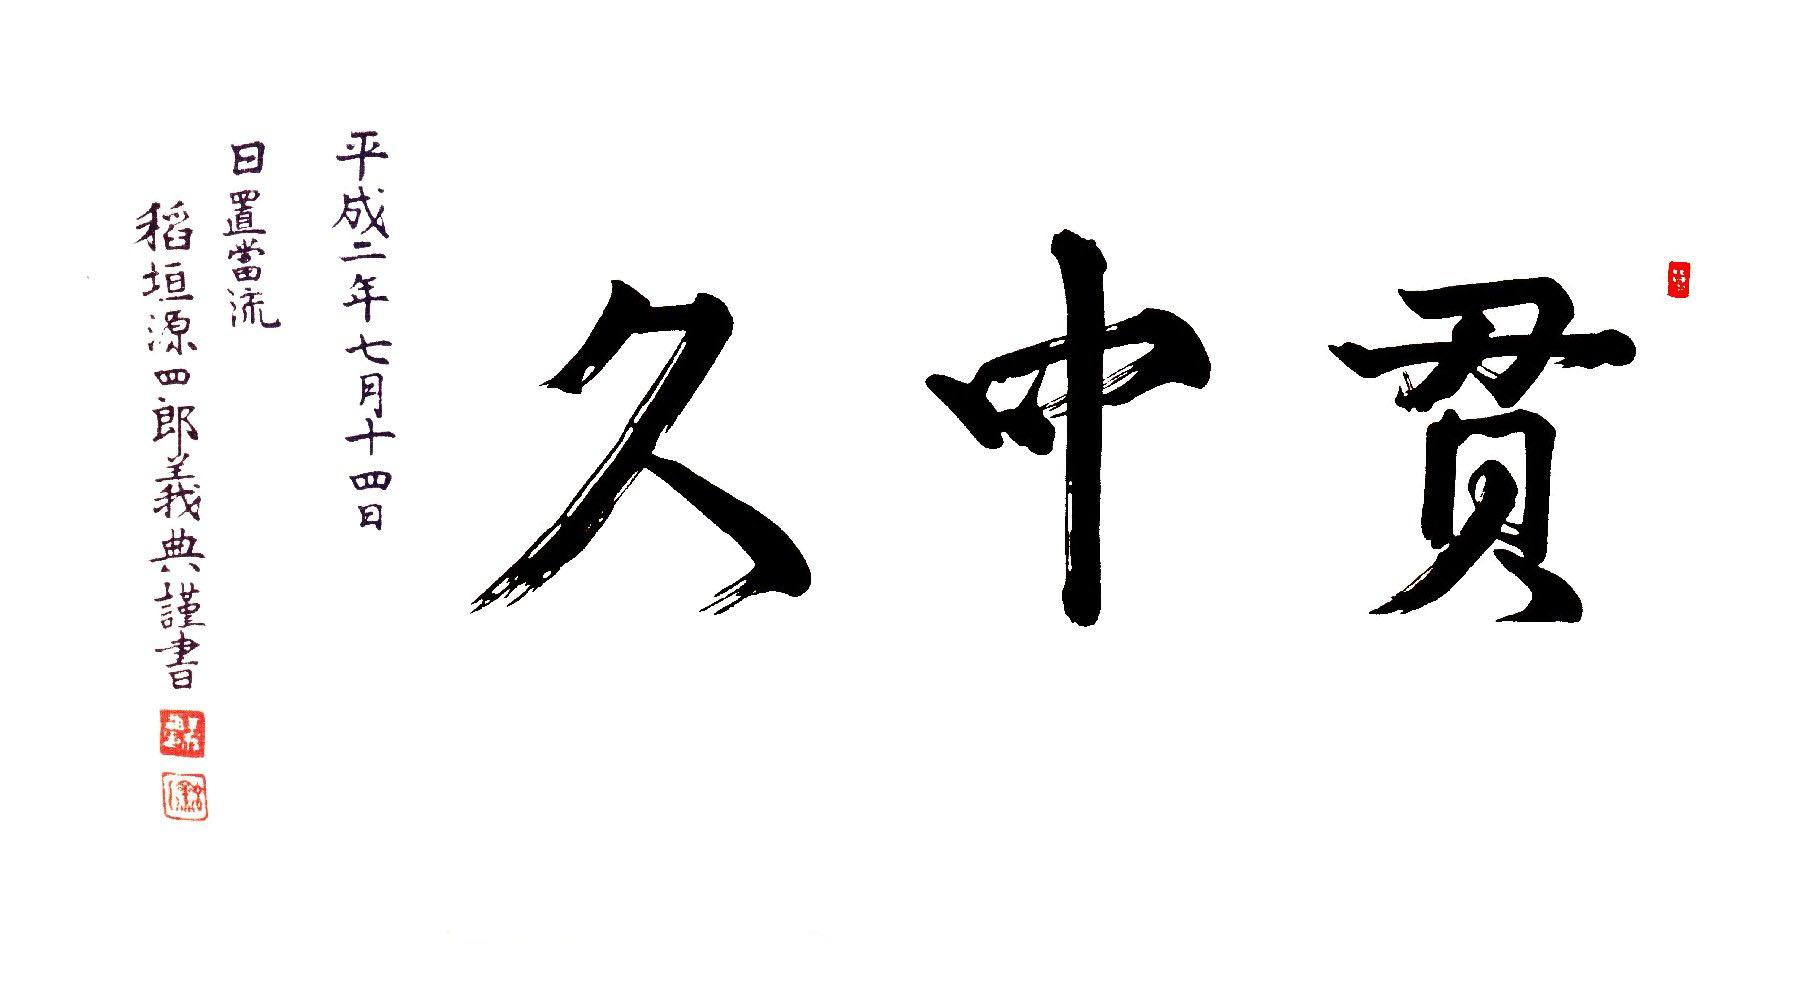 Seikoku Kyudo Kai - Khan chu kyu - Heki To Ryu